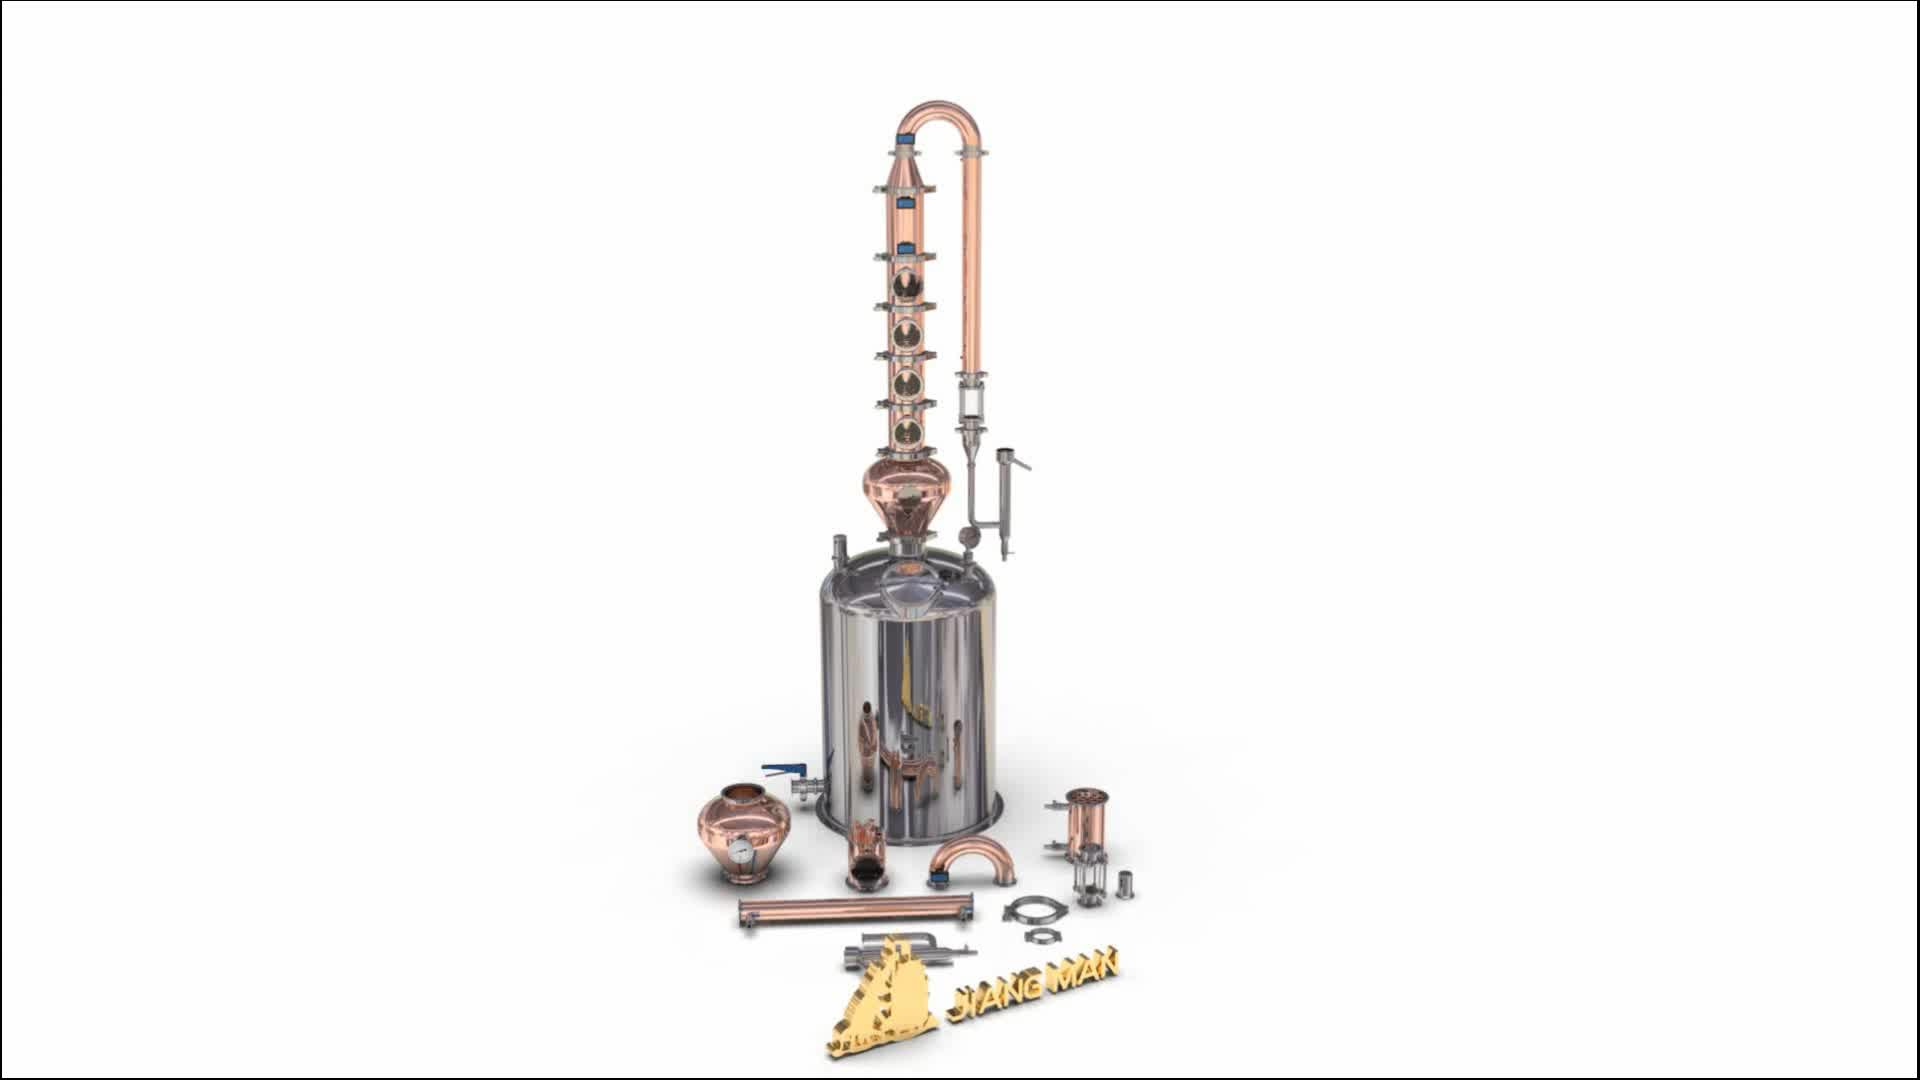 [JiangMan]-शराब प्रसंस्करण उपकरण गर्म बिक्री अमेरिका डिजाइन 50L 100L 150L 200L 4 ''6'' तांबा भाटा स्तंभ शराब खींचनेवाला